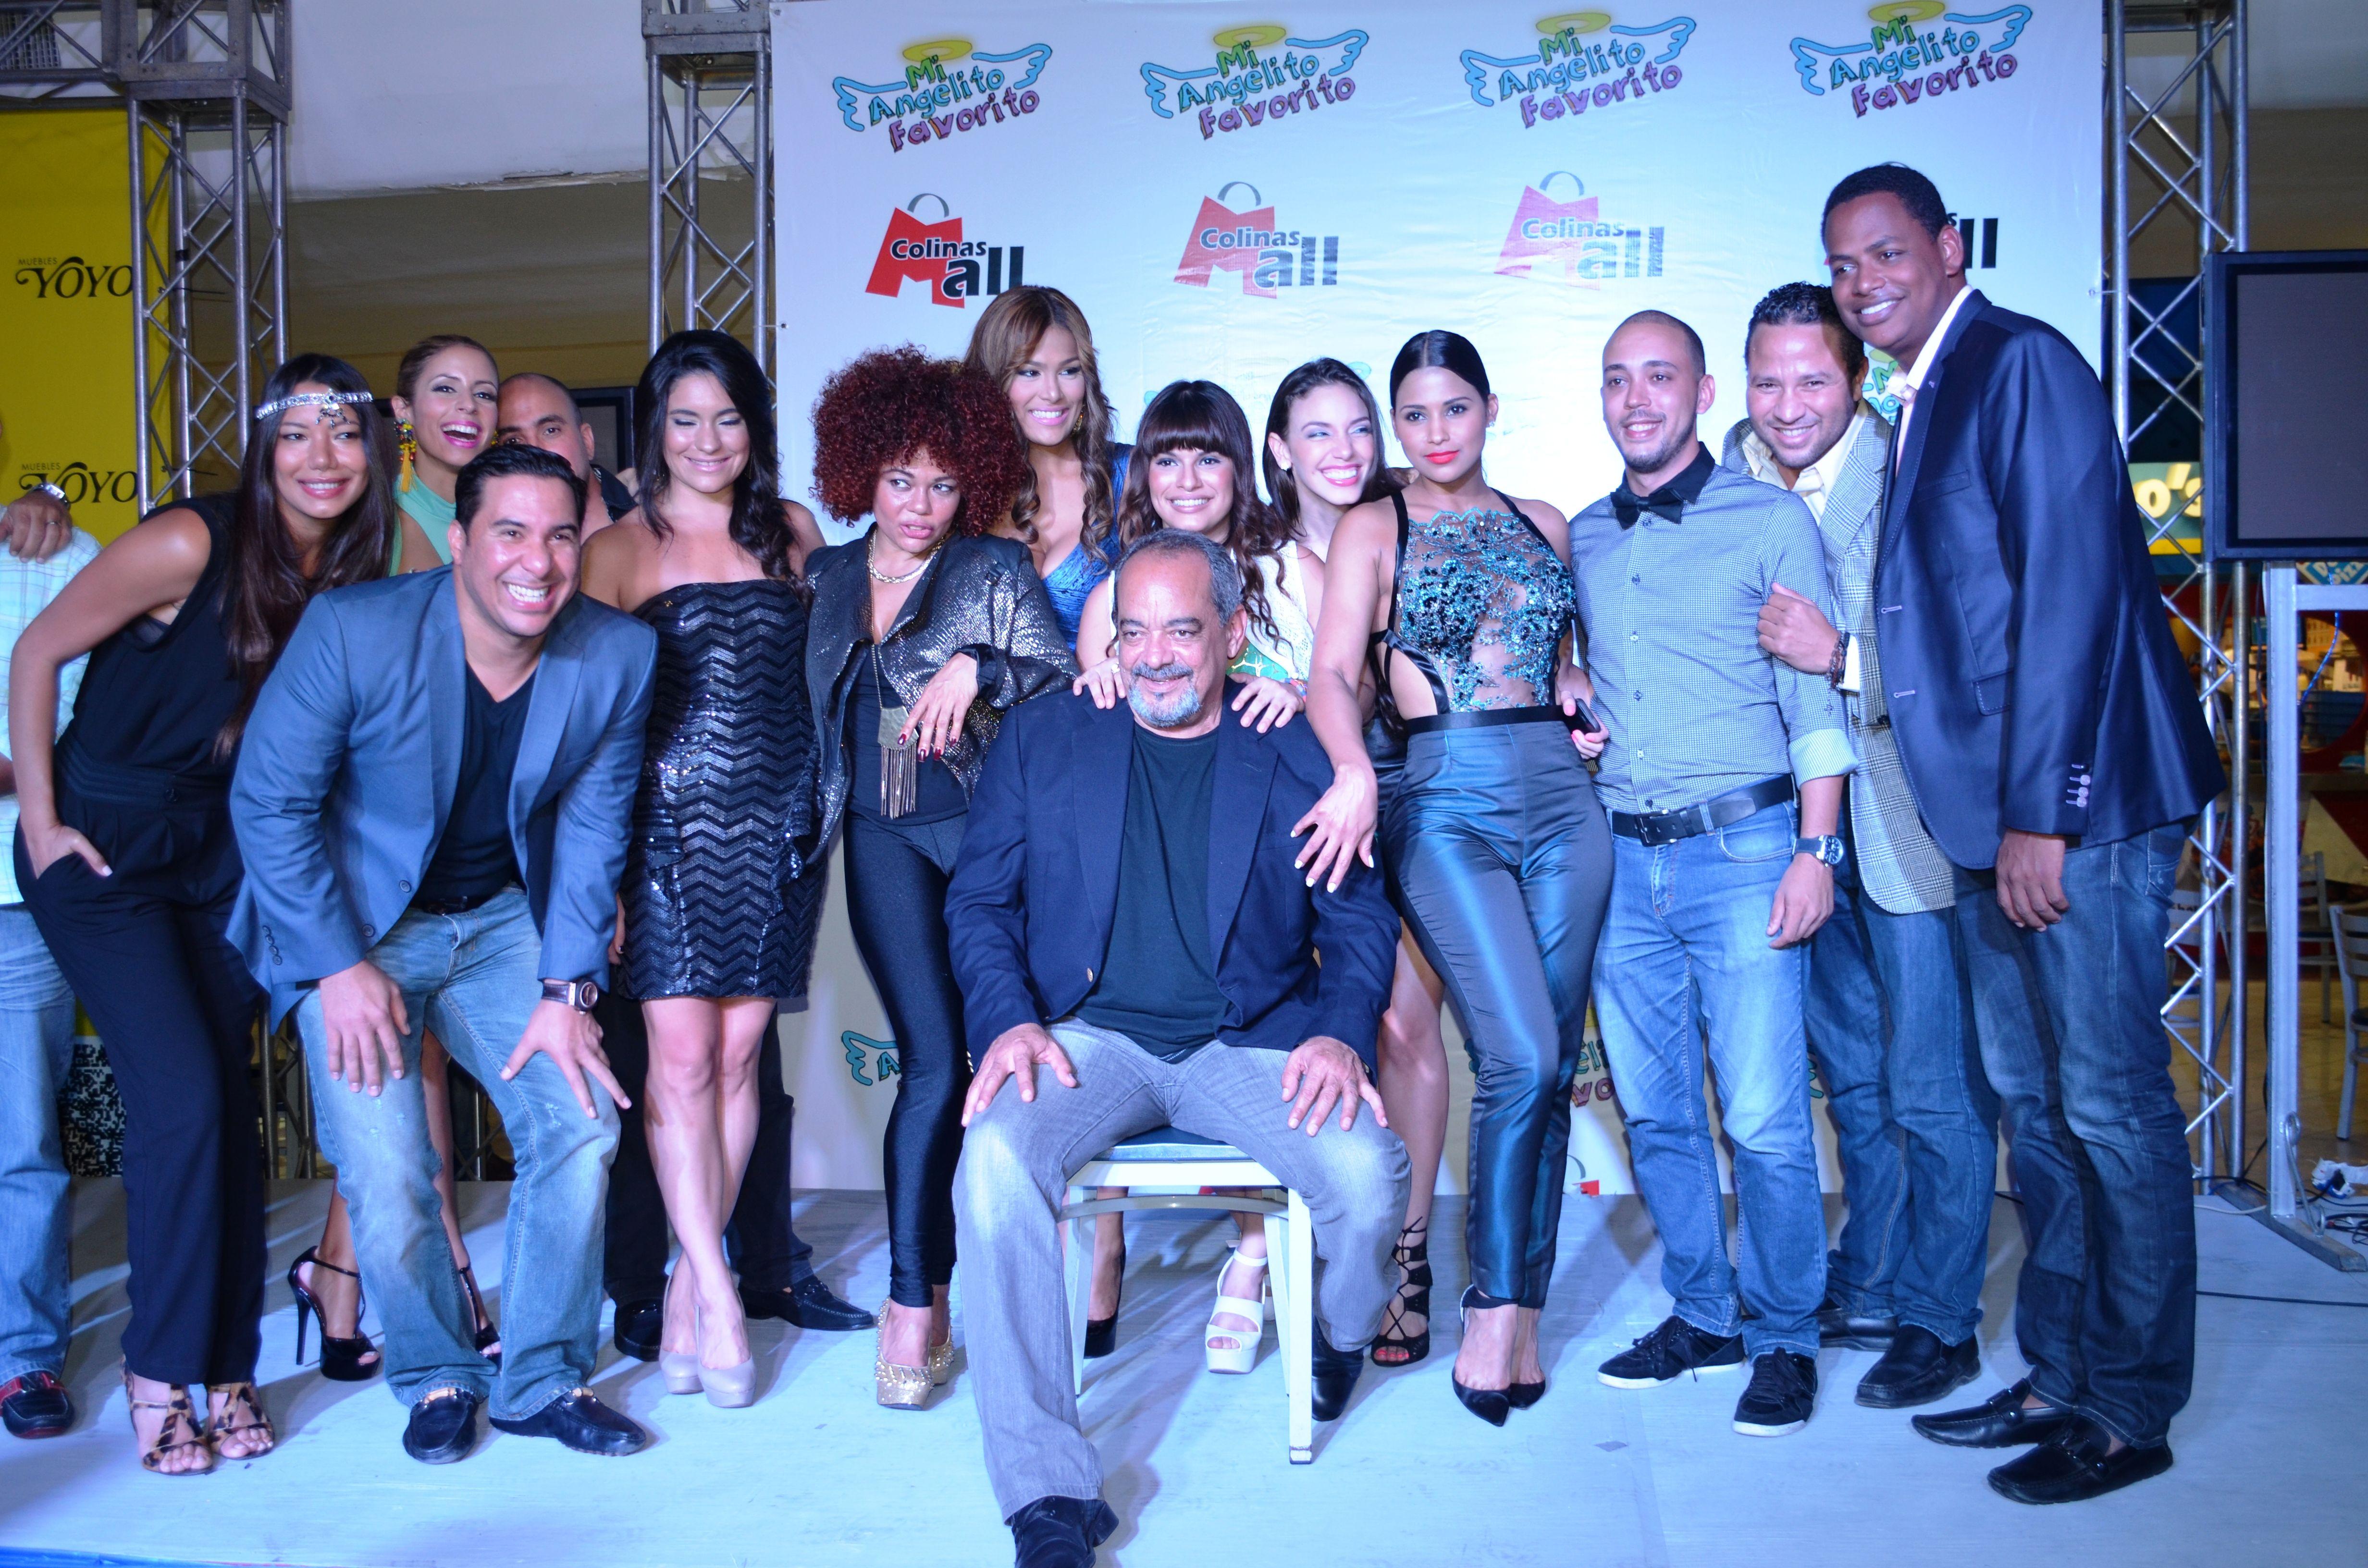 Pin By Muebles Yoyo On Events C Ctel Premier Pel Cula Mi  # Muebles Yoyo Santiago